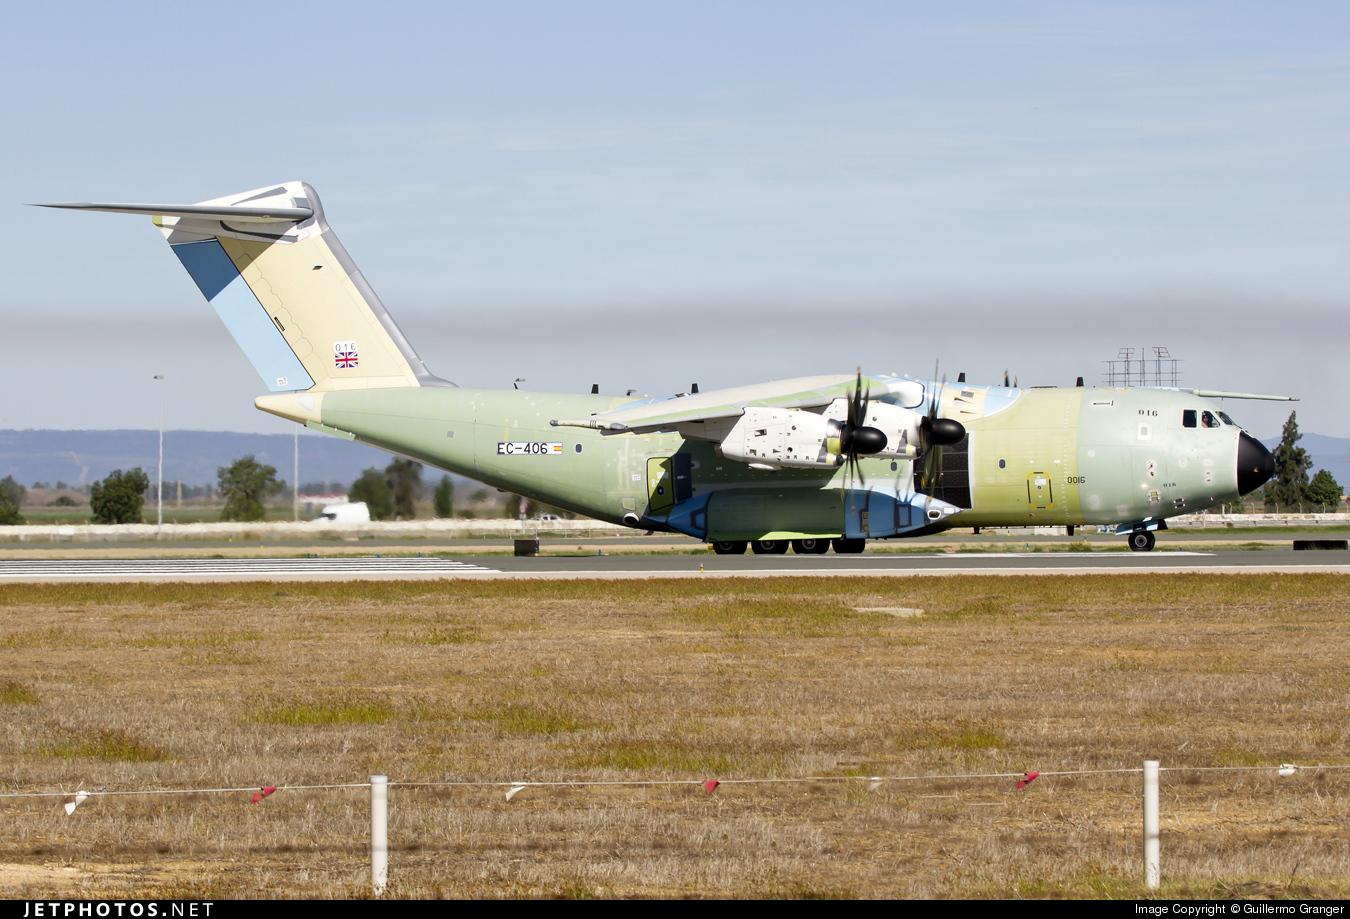 EC-406 - Airbus A400M - Airbus Industrie